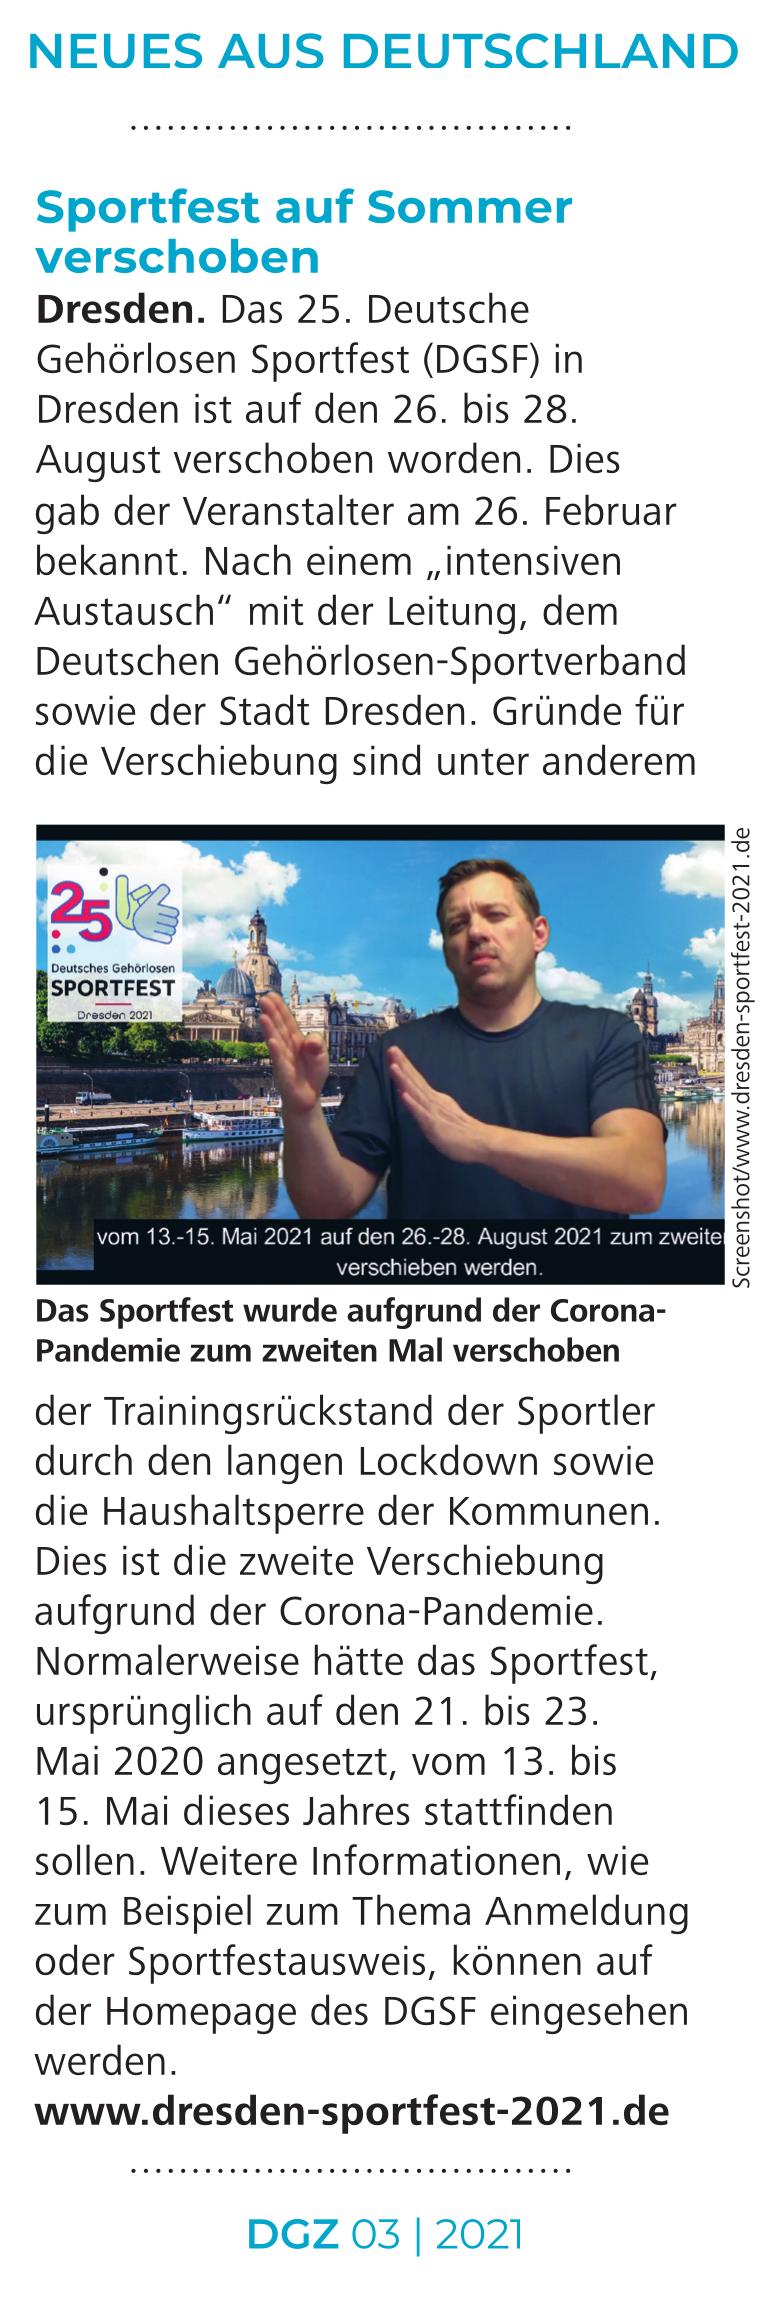 deutsches_gehoerlosensportfest_2021_pressestimmen_dgz_news